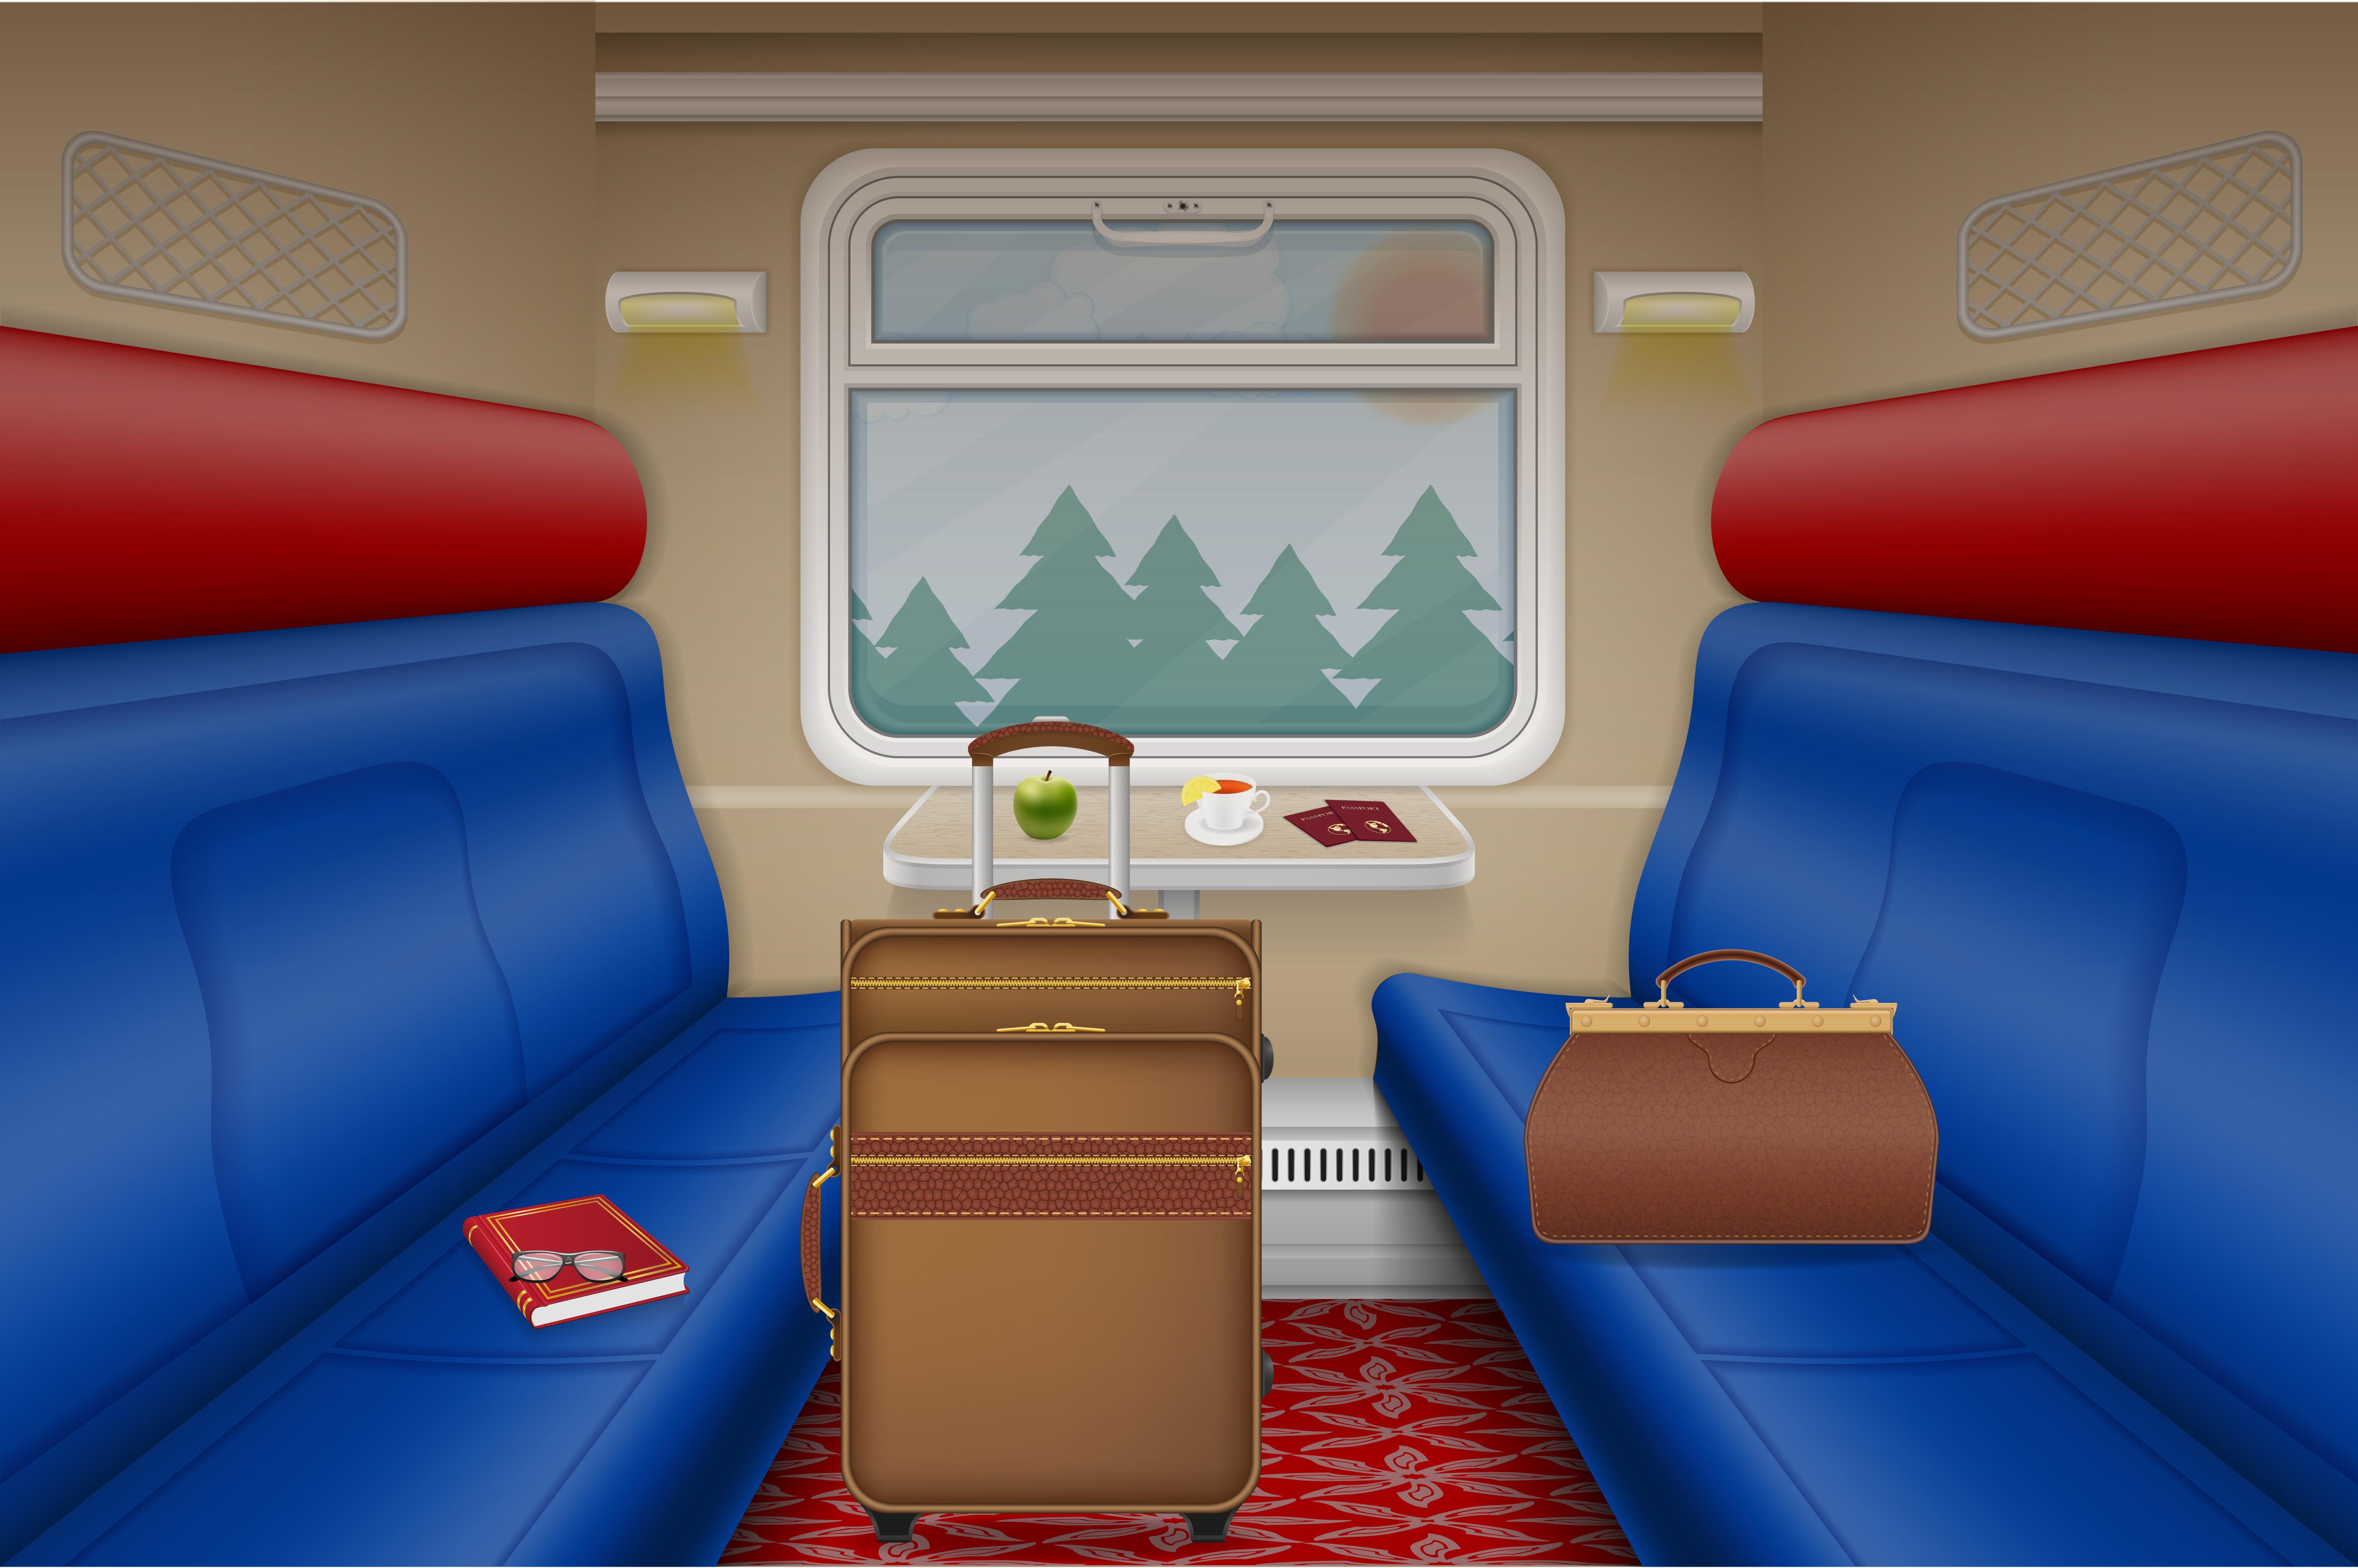 Окно поезда картинки для детей